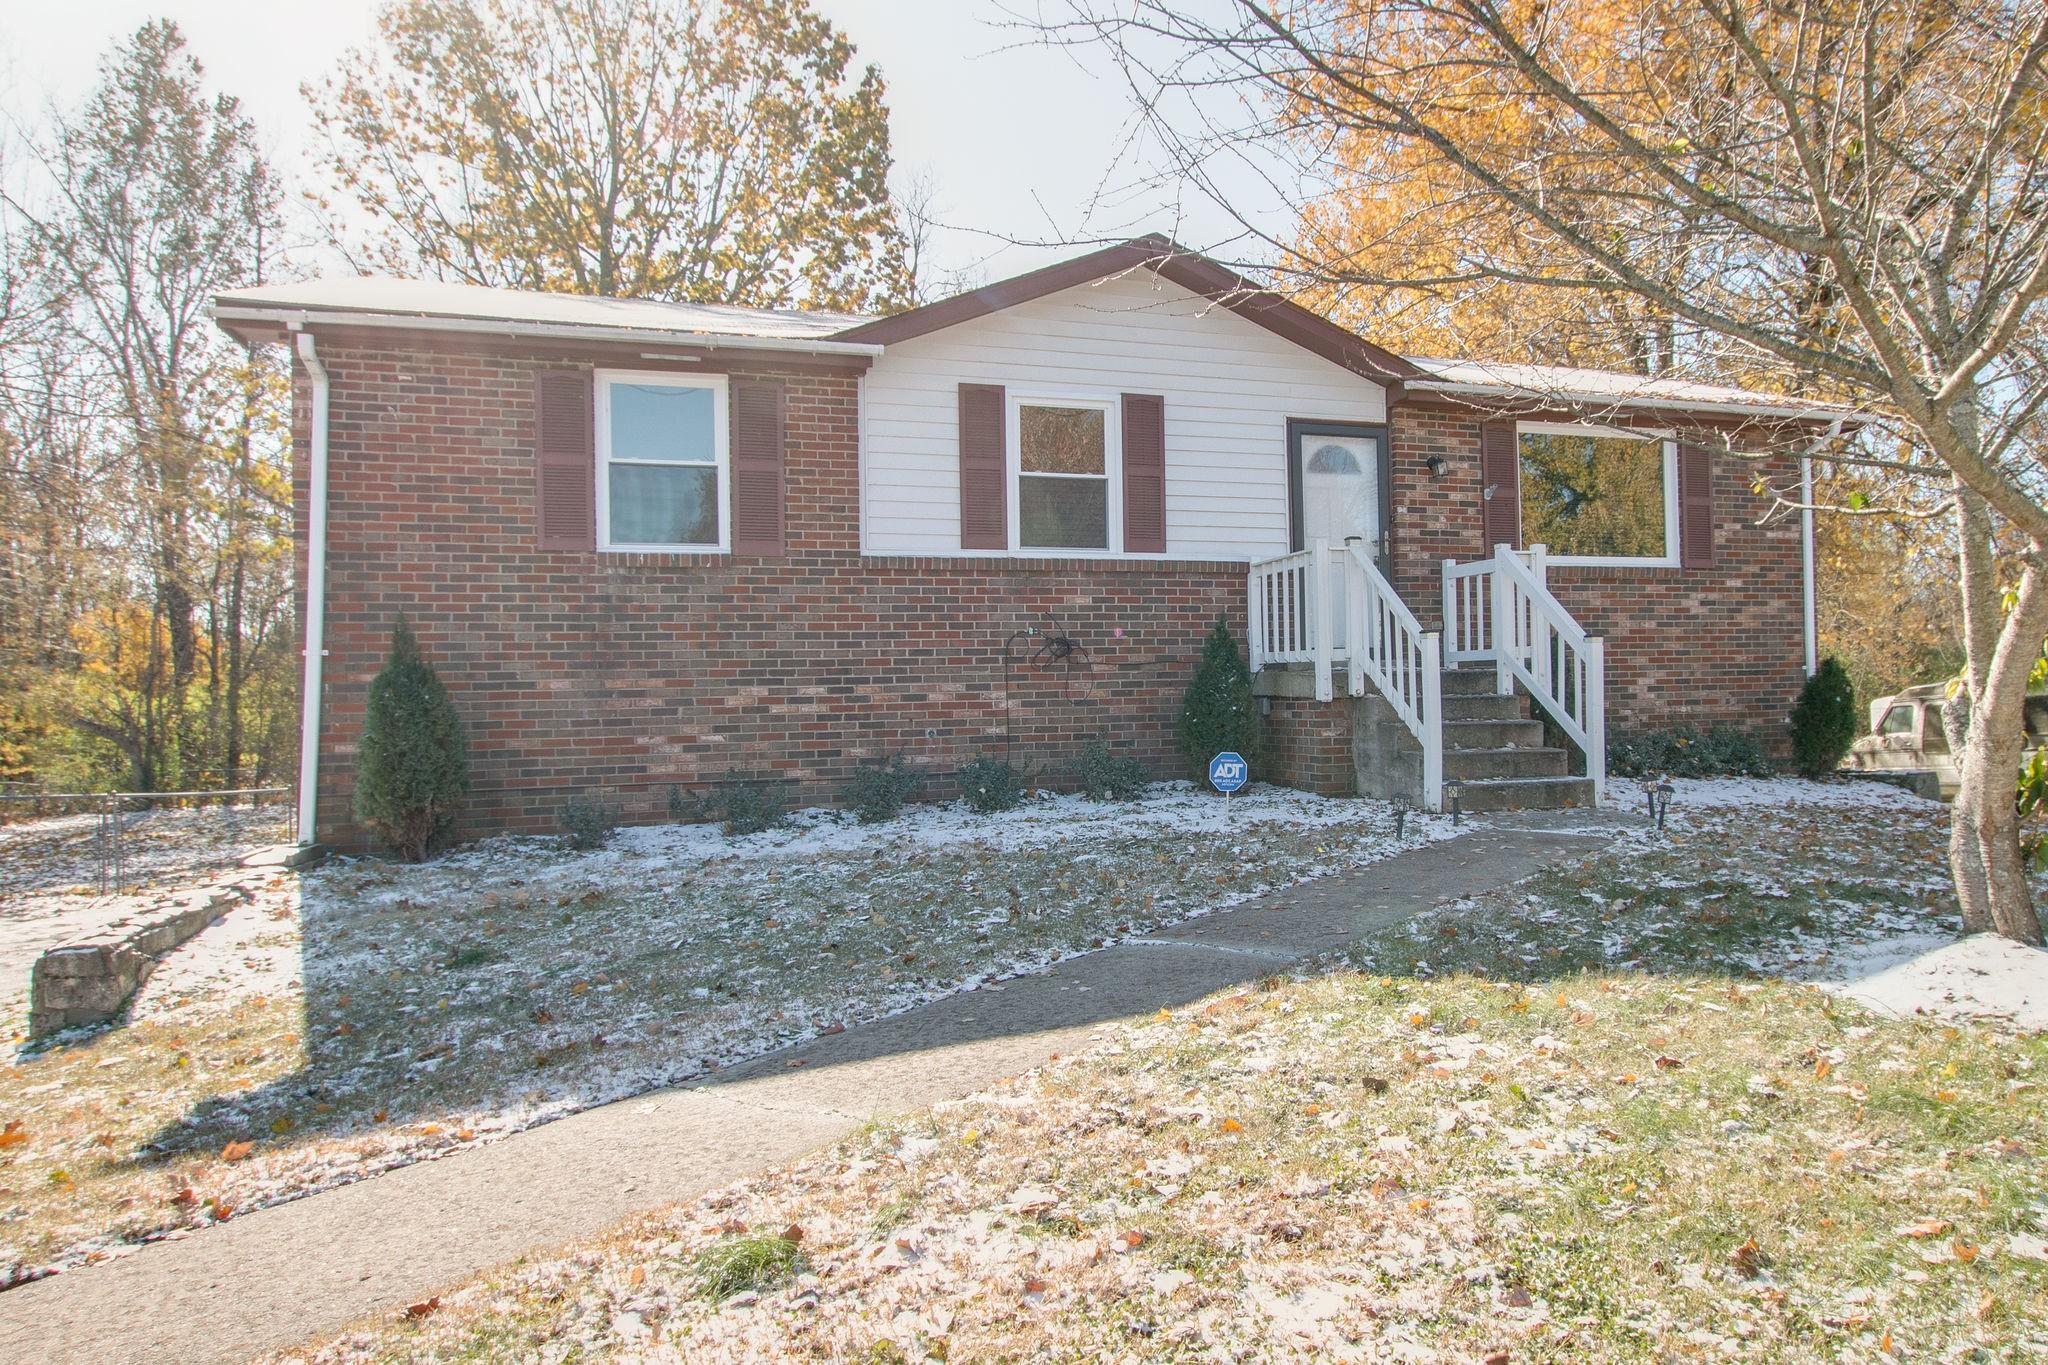 119 SE Springdale Dr, Mount Juliet, TN 37122 - Mount Juliet, TN real estate listing